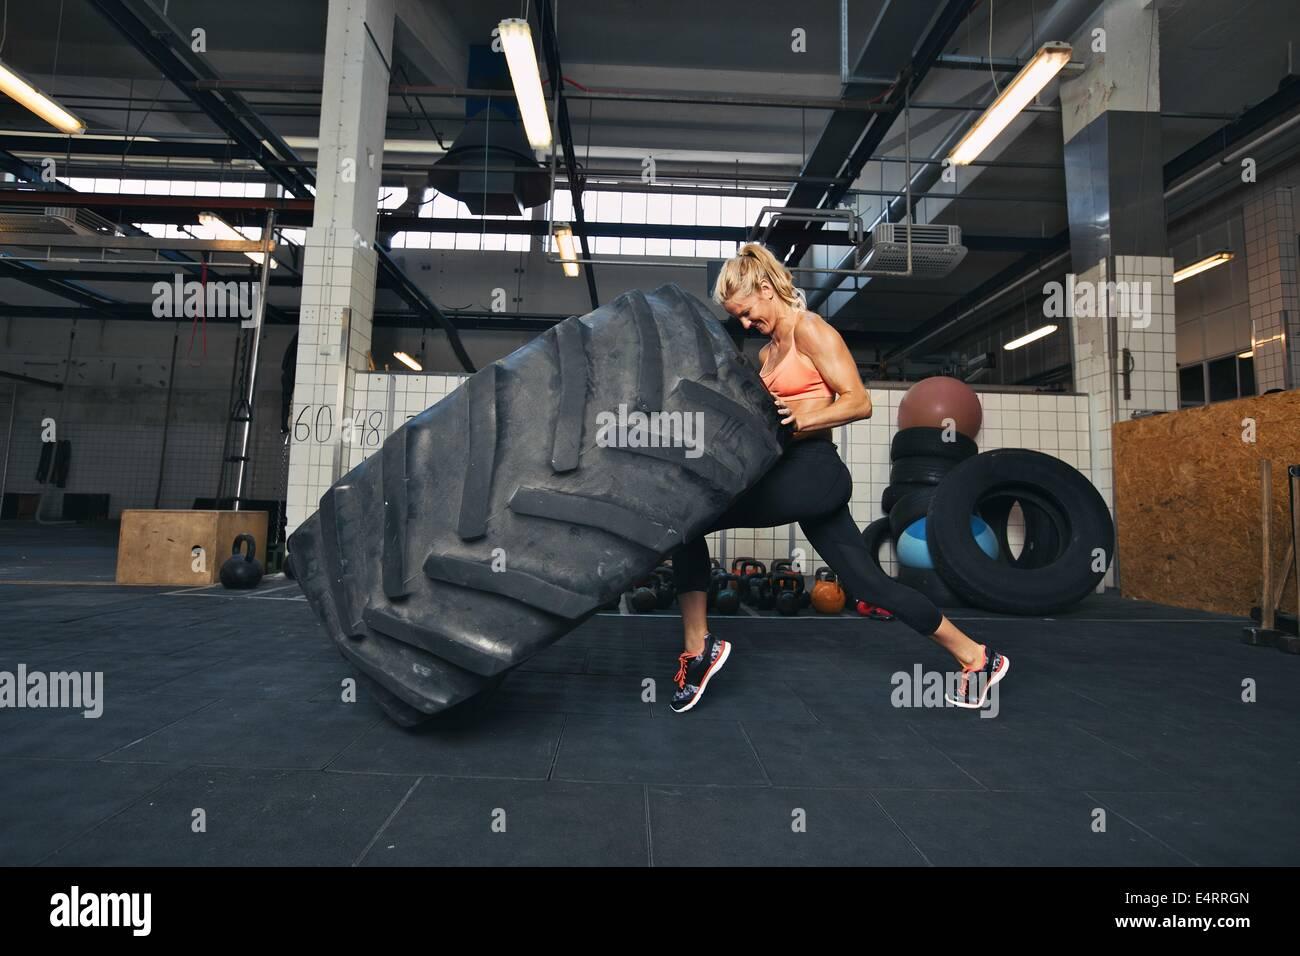 Mettre en place de l'athlète féminine avec un énorme pneu, tournant et retournant dans la salle Photo Stock